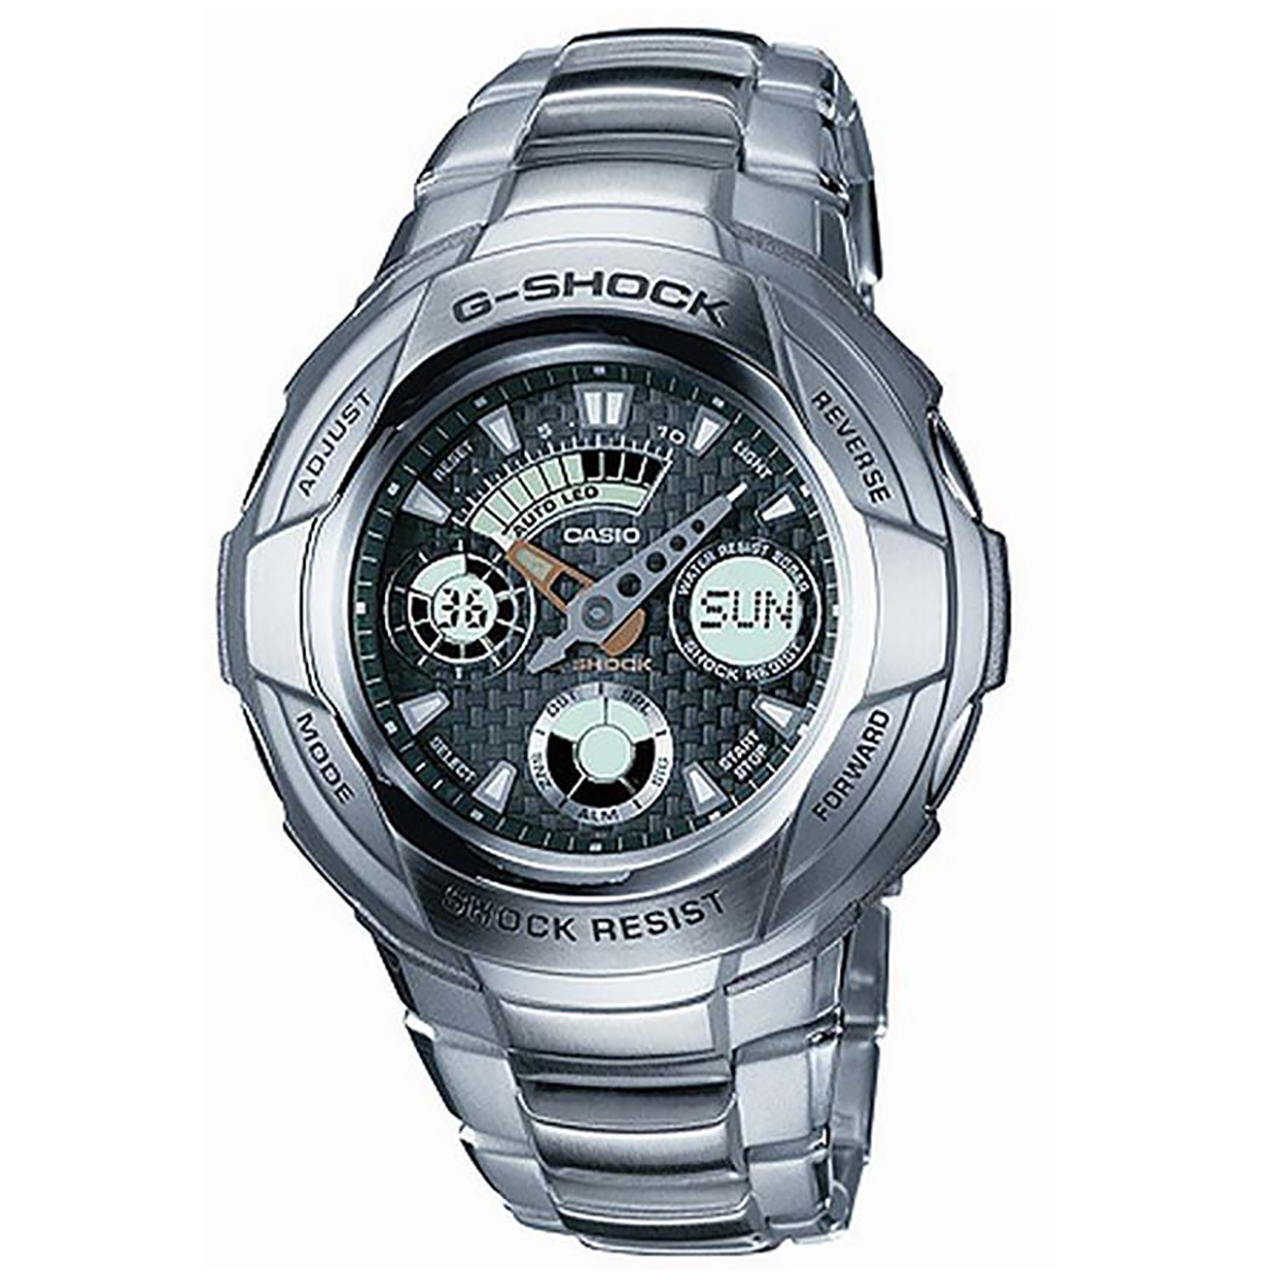 ساعت  کاسیو سری جی شاک مدل G-1800D-3ADR